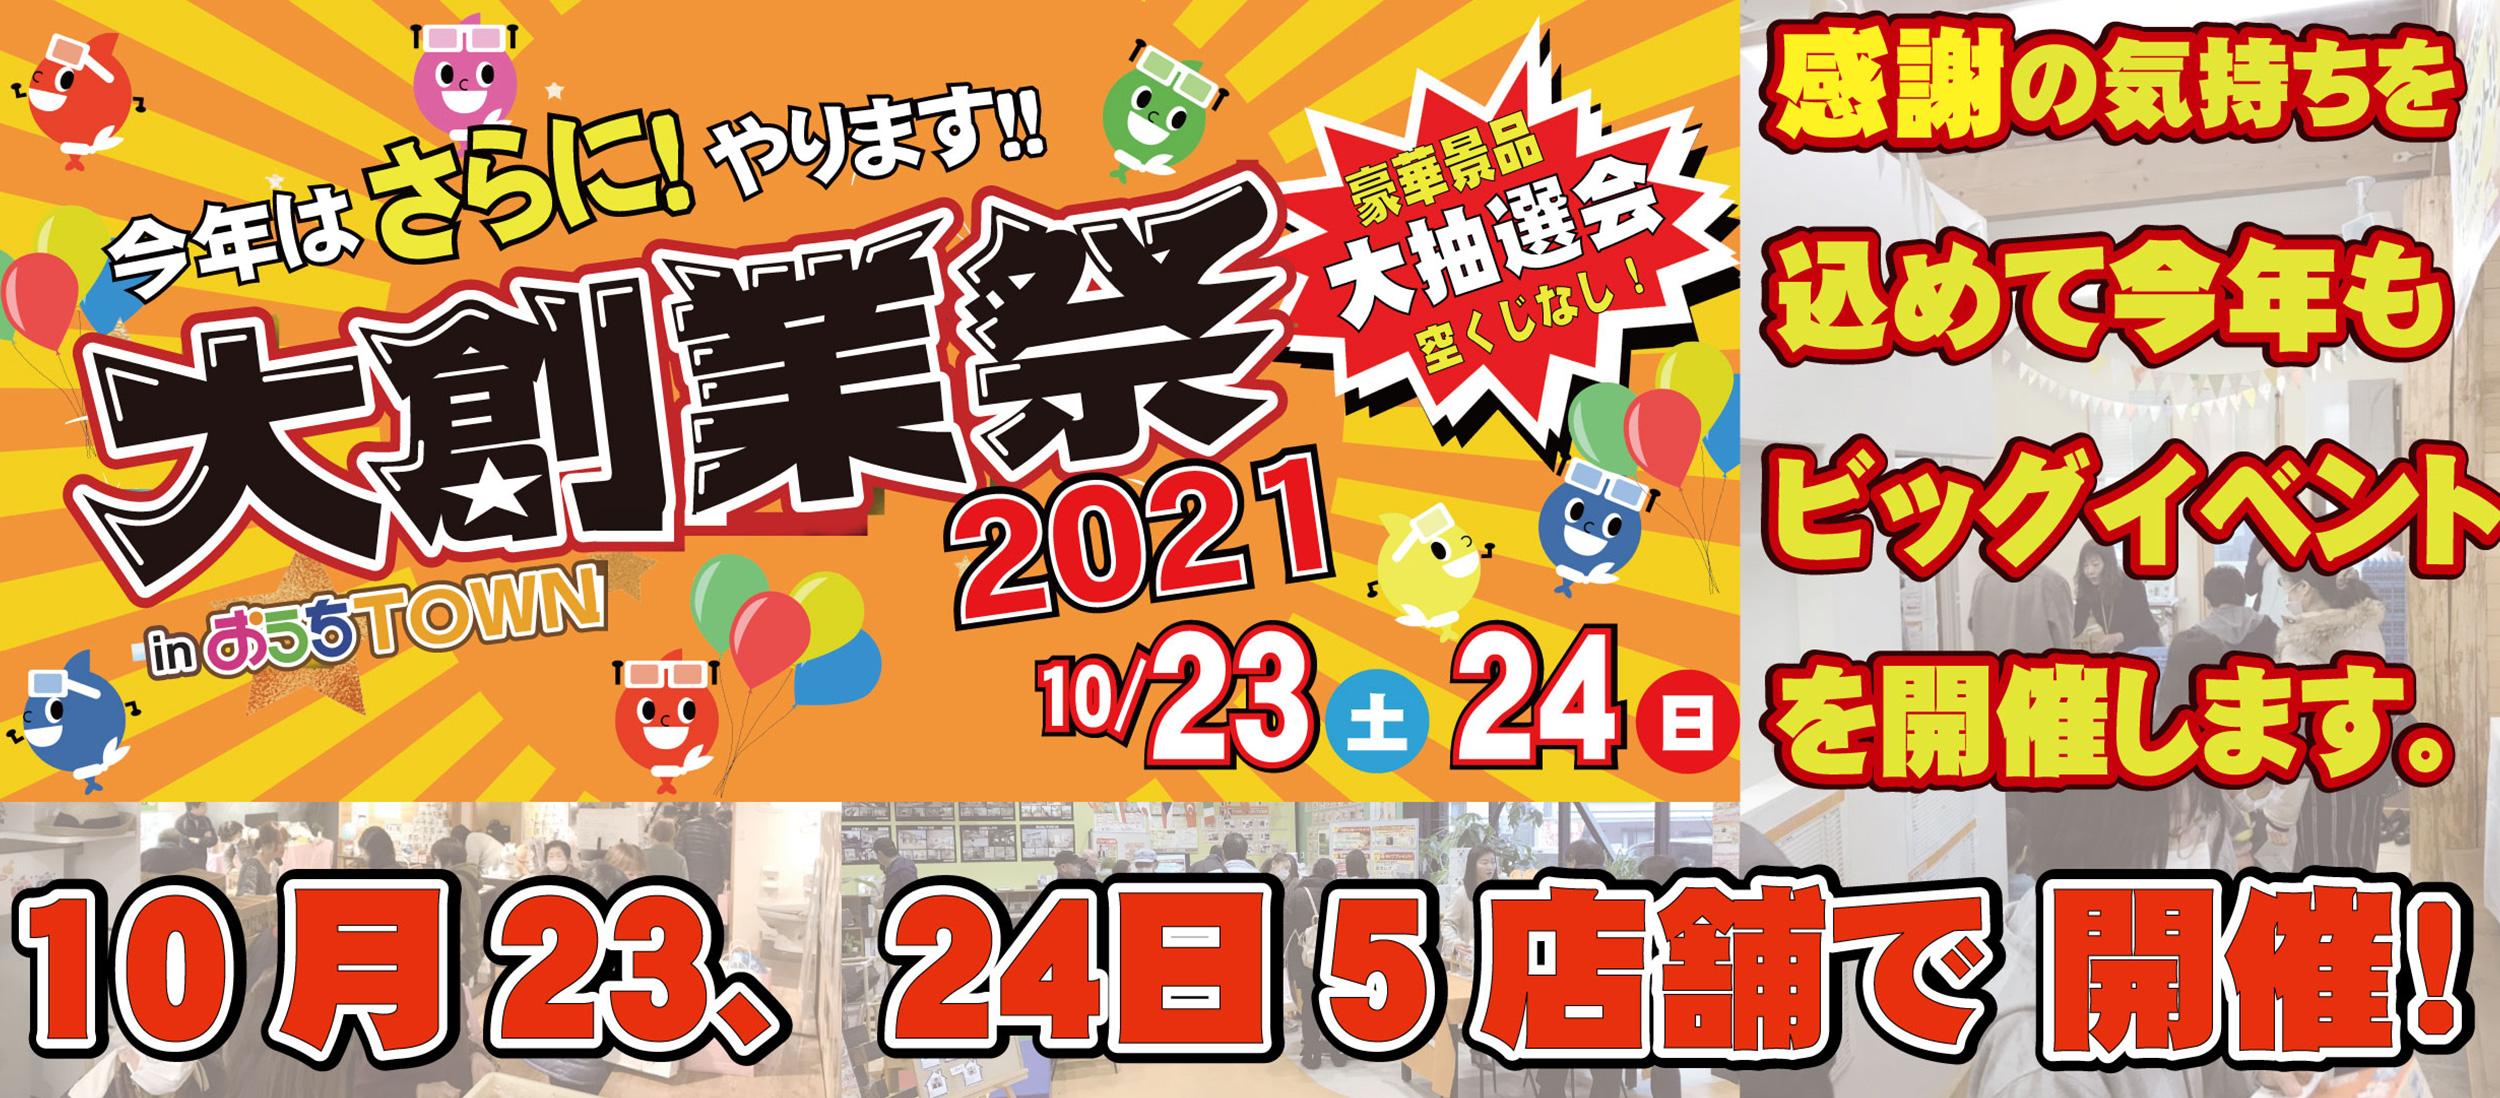 大創業祭|おうちTOWN